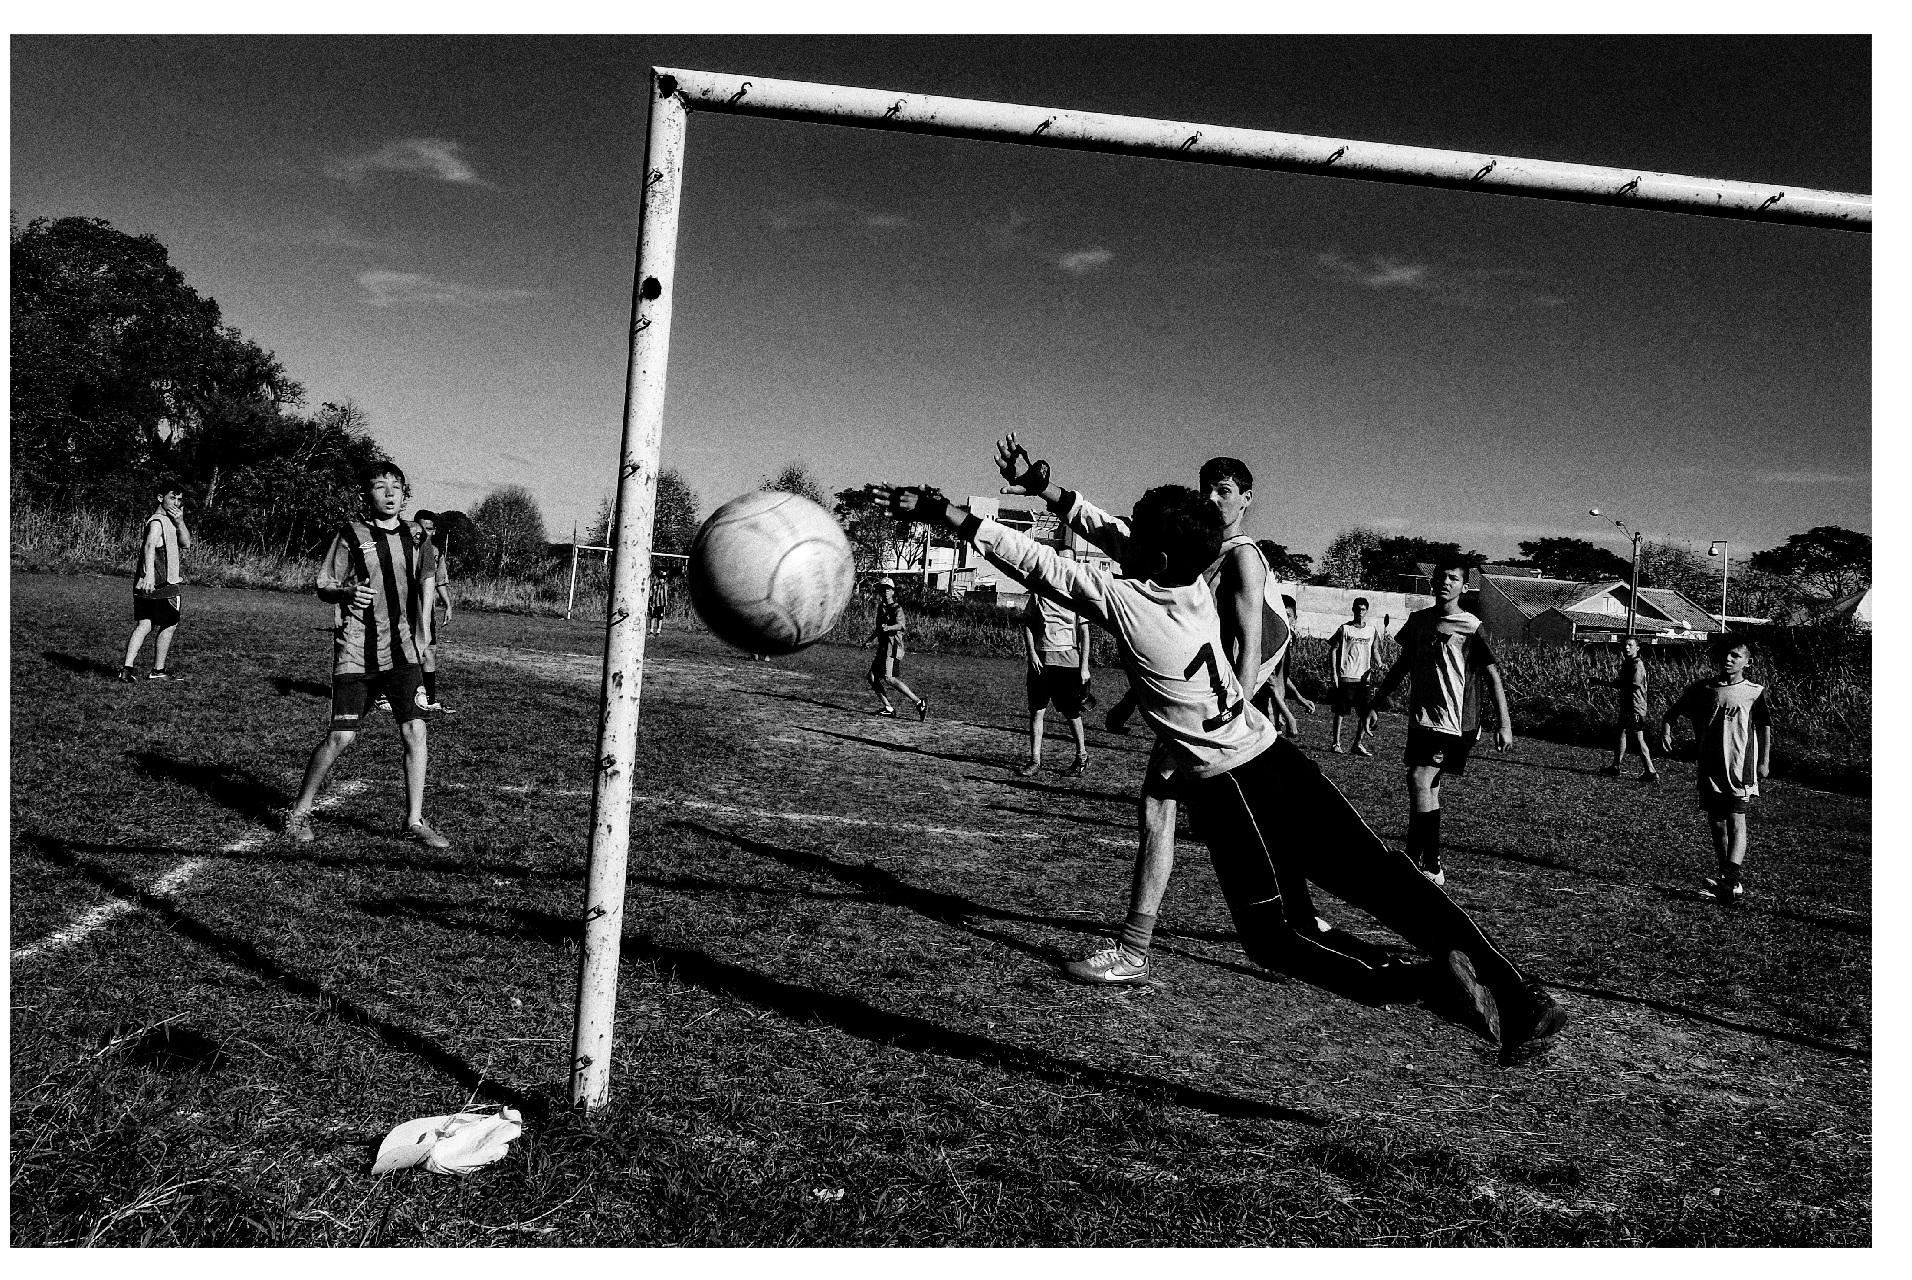 Exposição fotográfica revela realidade de crianças de projetos sócio esportivos de Curitiba e região 8